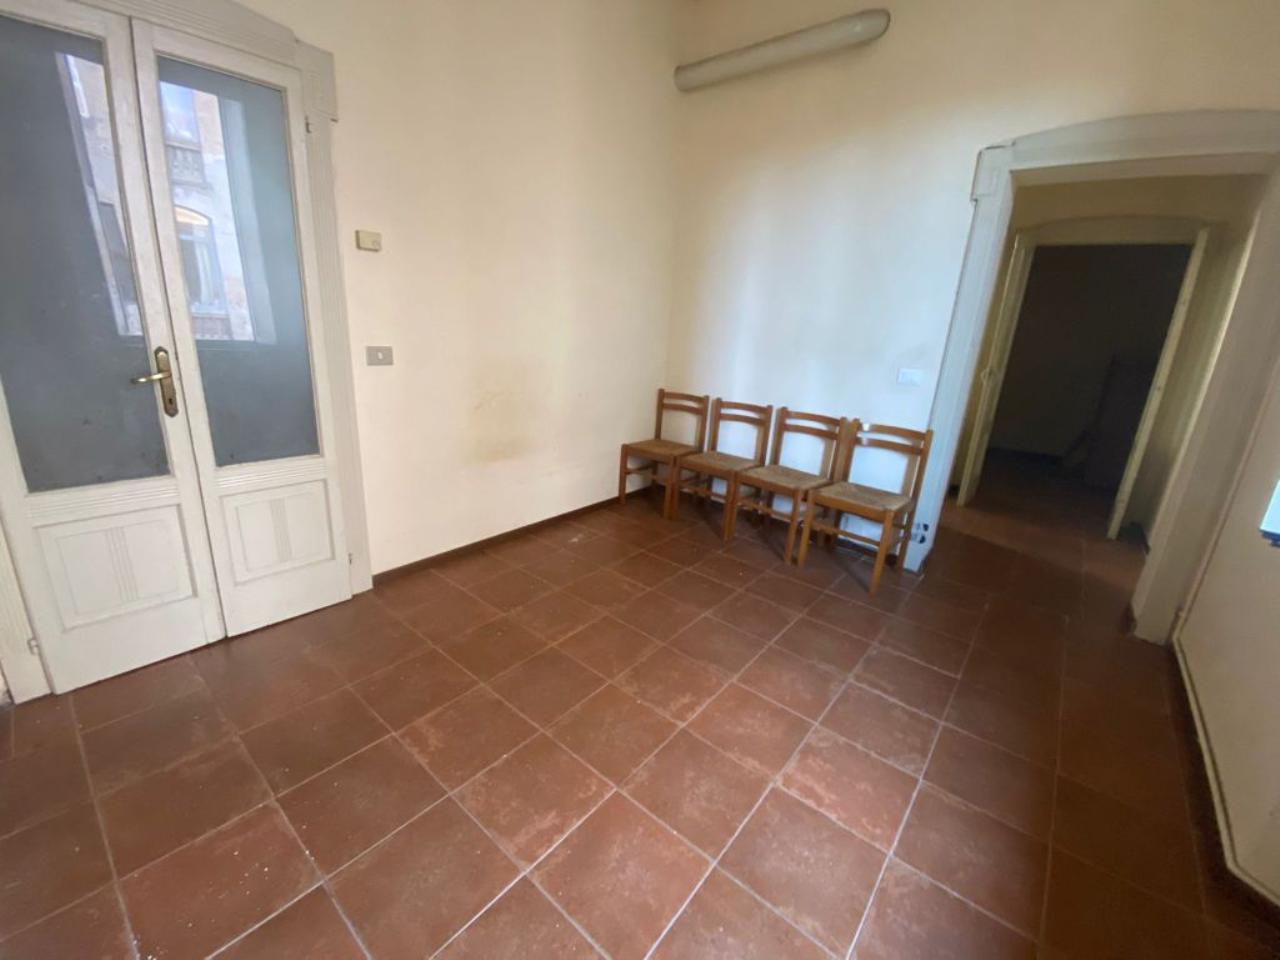 Appartamento CREMONA Euro 38.000,00